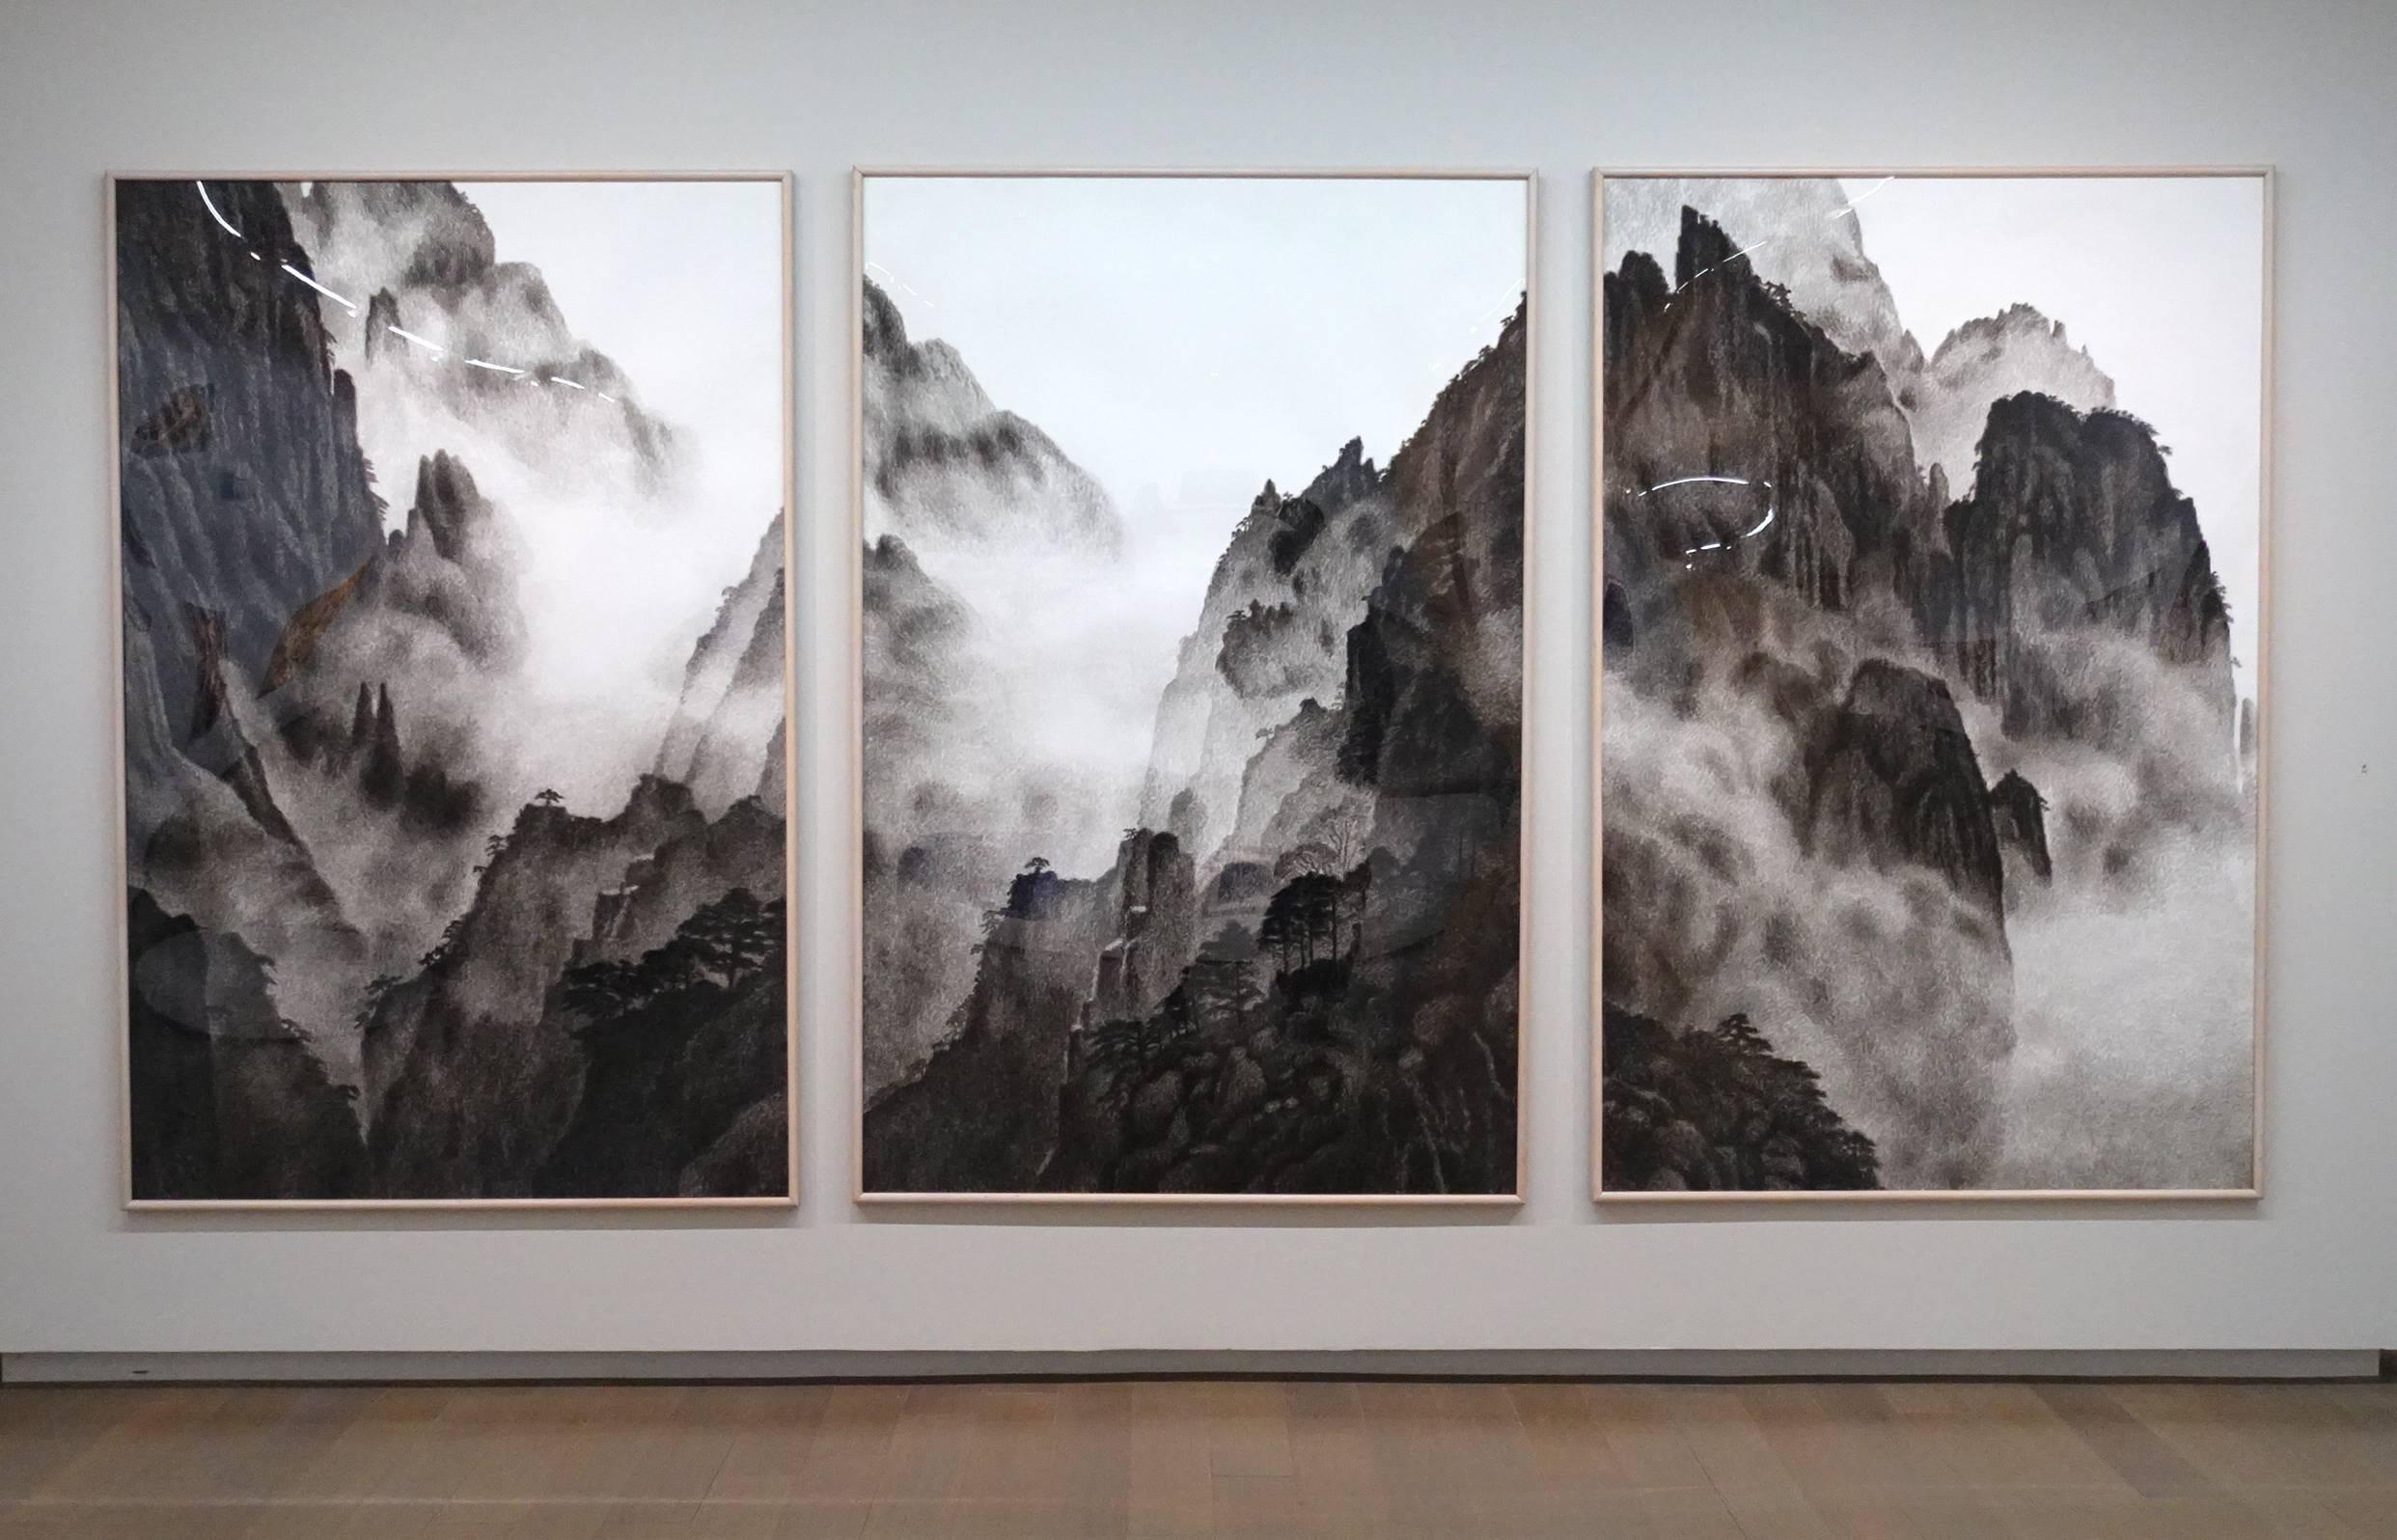 韓湘寧,黃山,1990年。